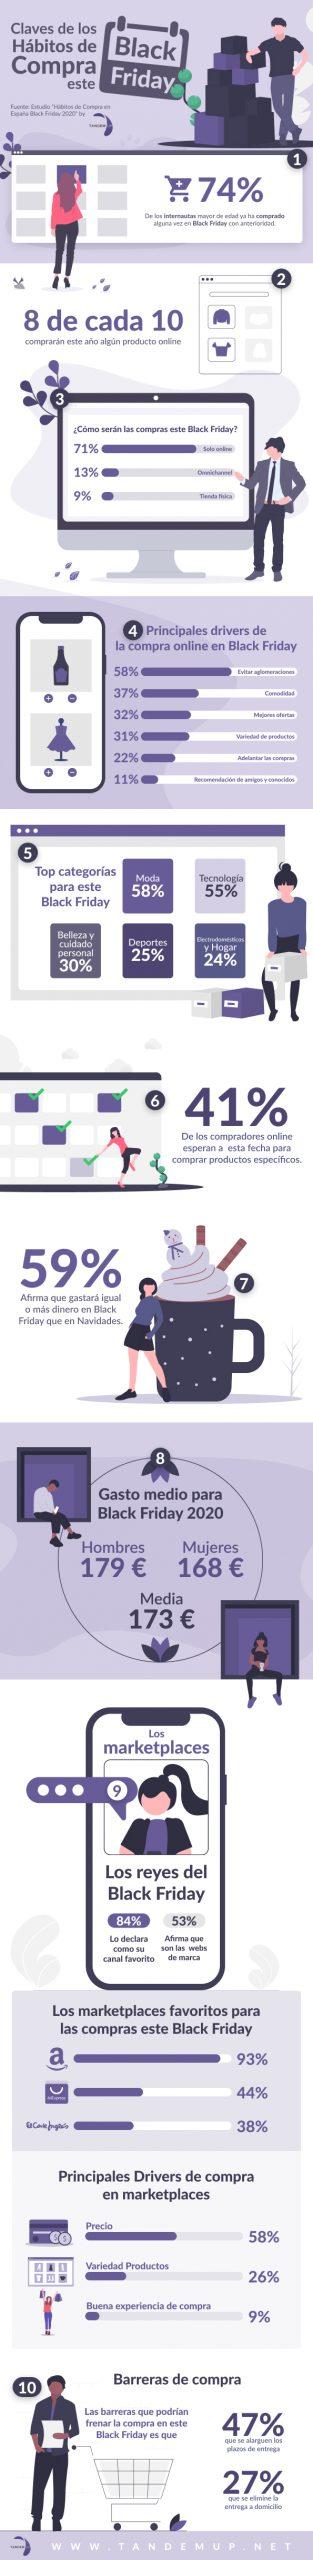 Infografia Estudio Habitos de Compra del Black Friday Tandem UP 2020